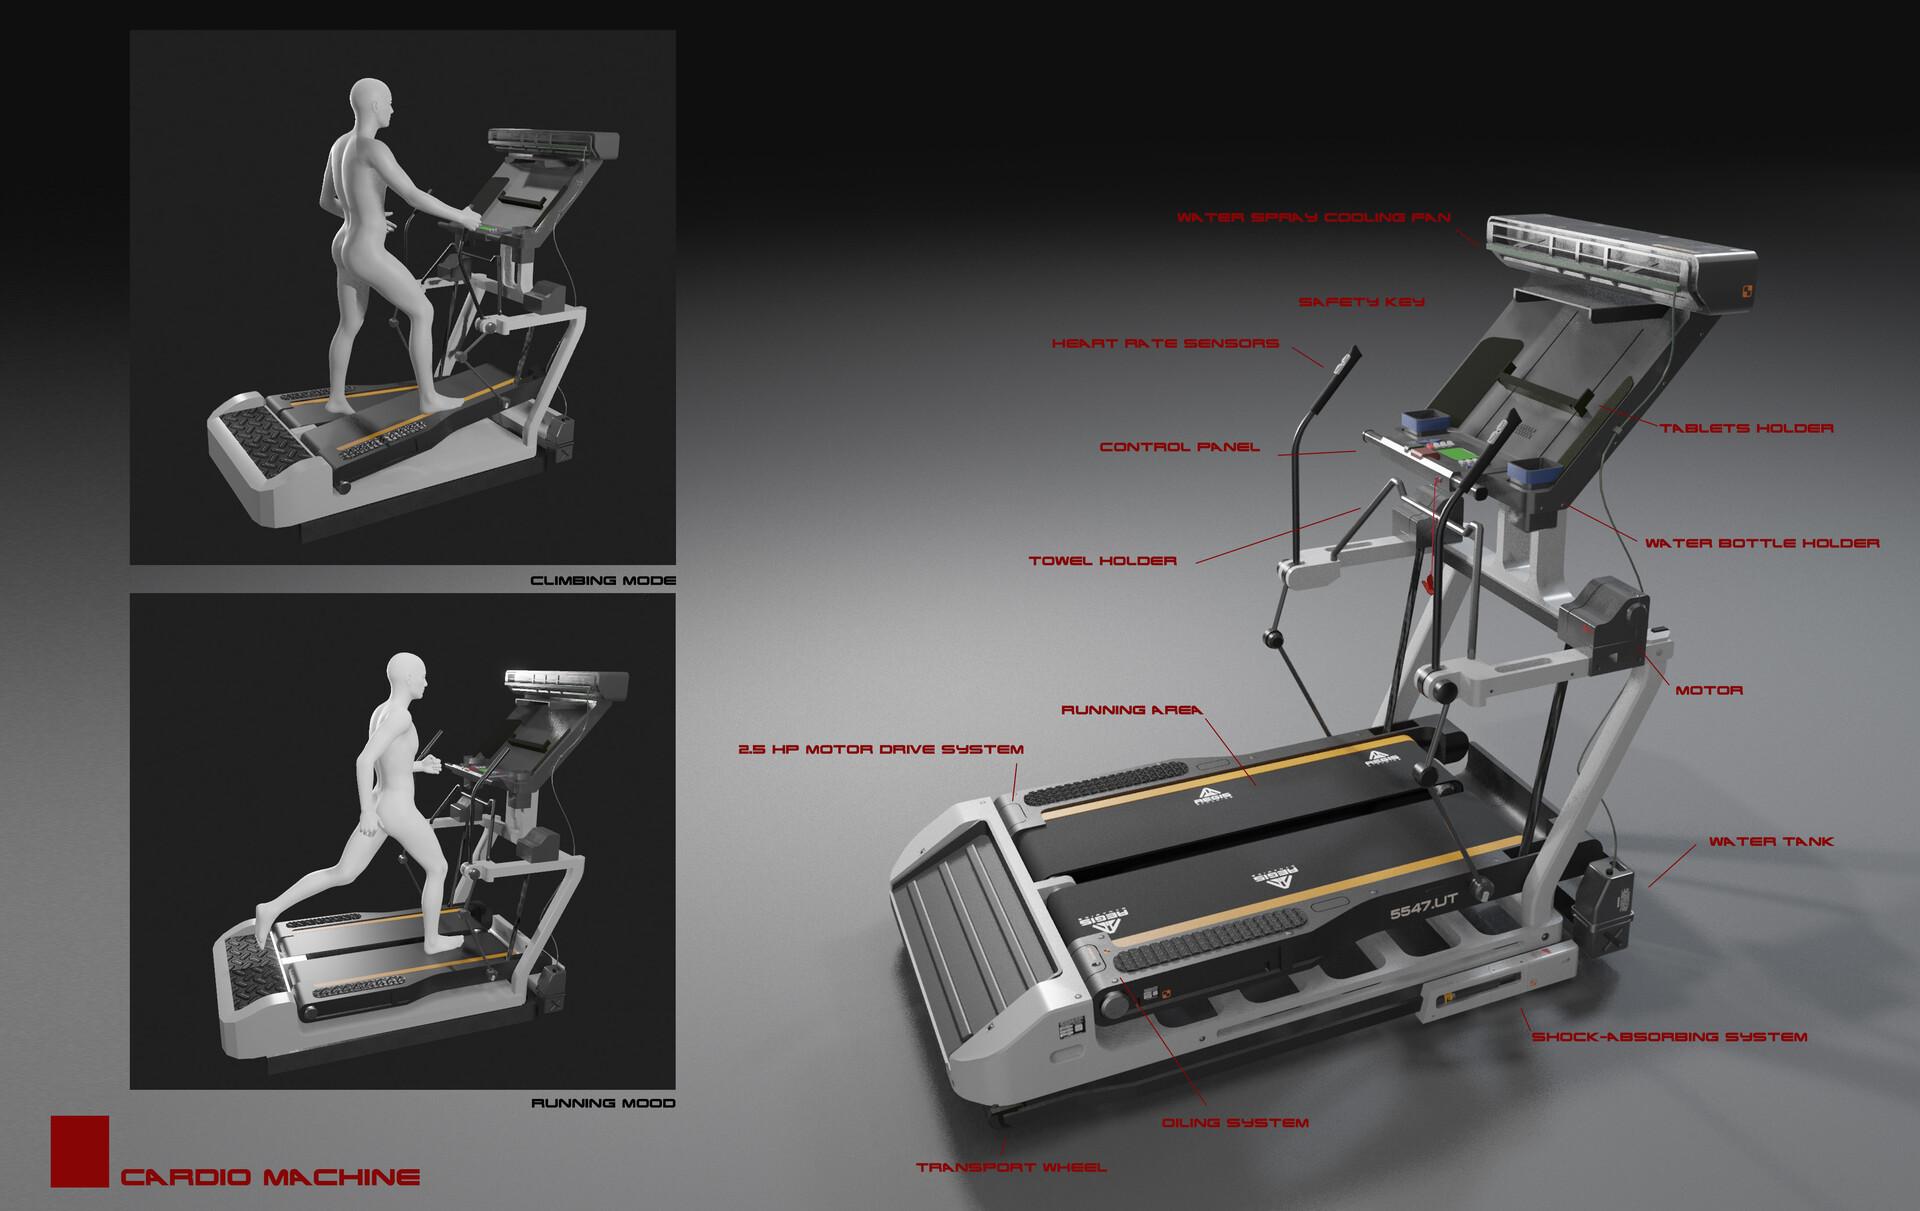 Chen liang 09 cardio machine